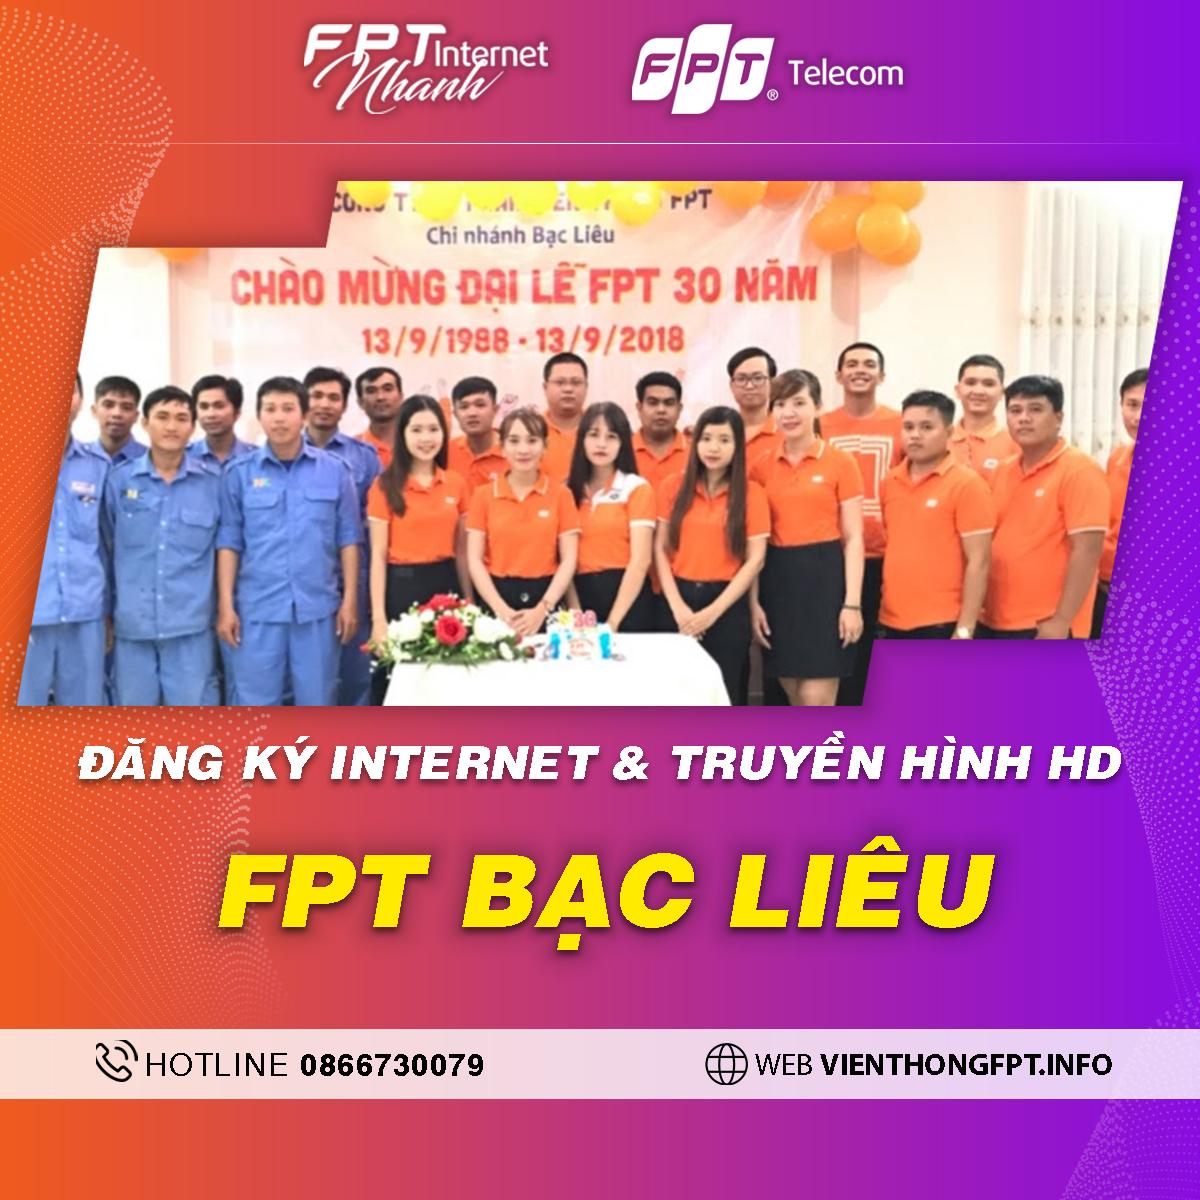 FPT Bạc Liêu - Tổng đài lắp mạng Internet + Truyền hình FPT